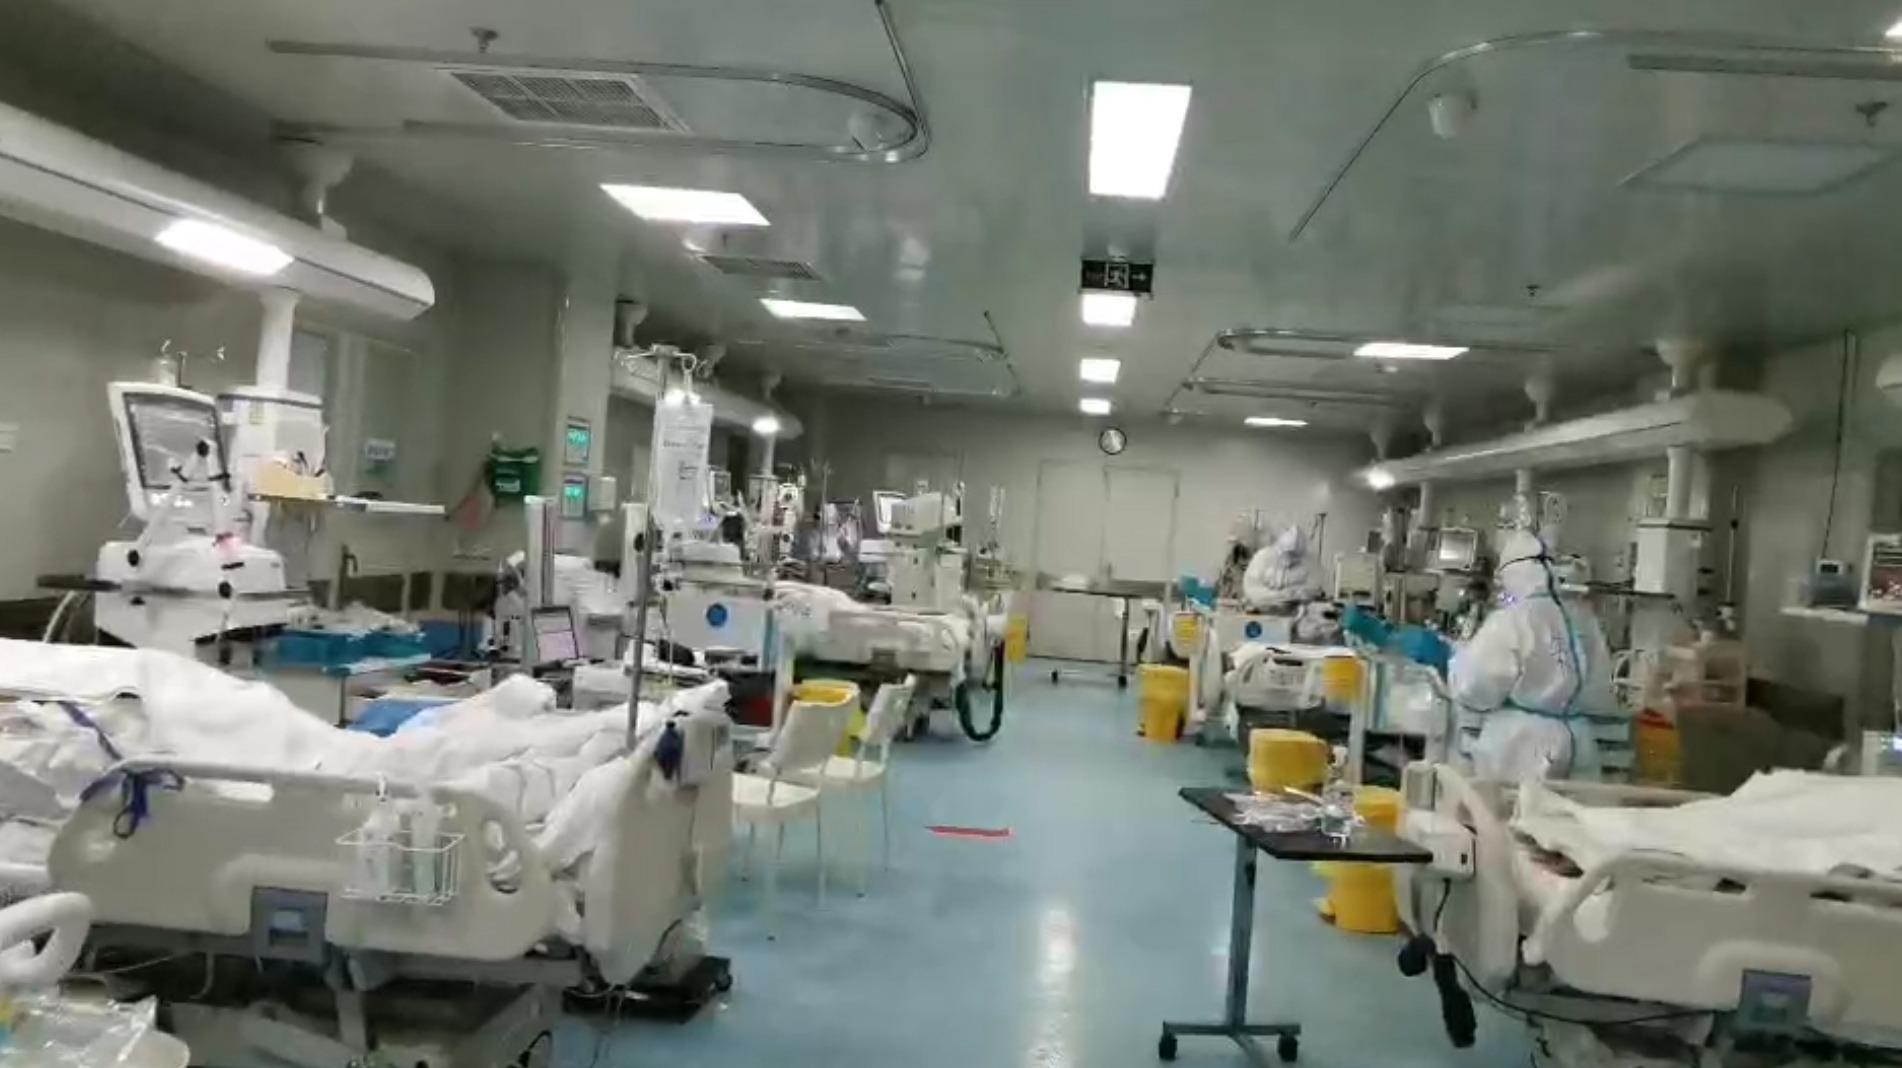 武汉重症监护室护士:护理一个肺炎病人需2-3小时